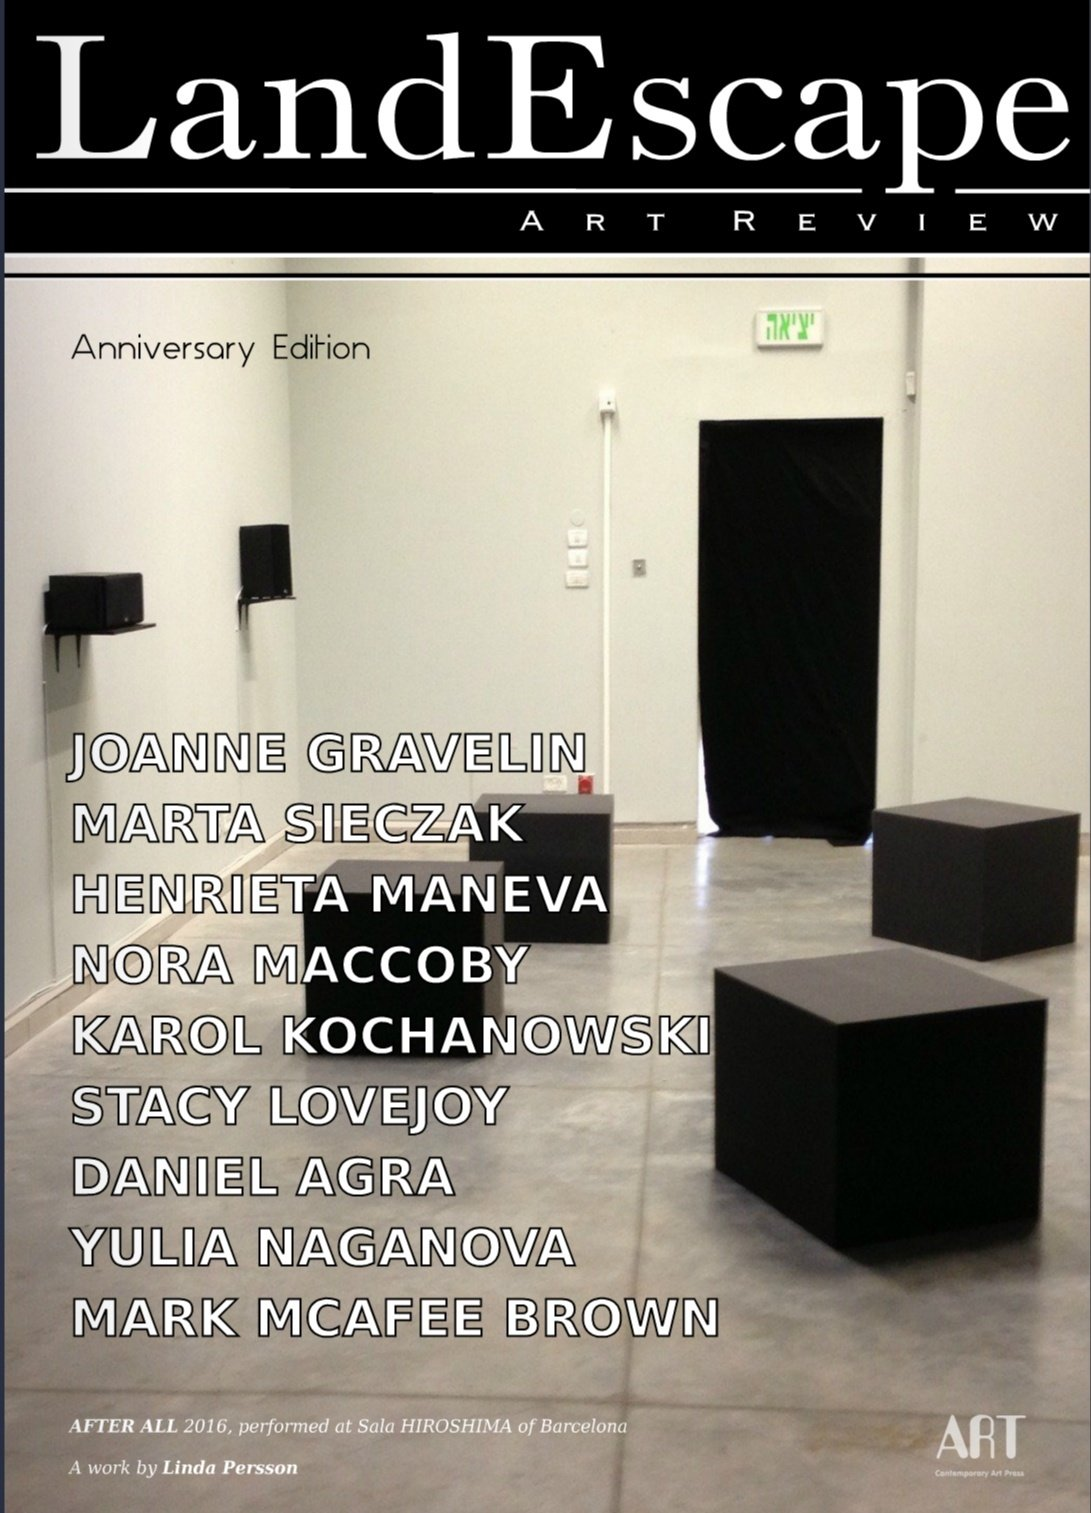 LandEscape Art Review Magazine